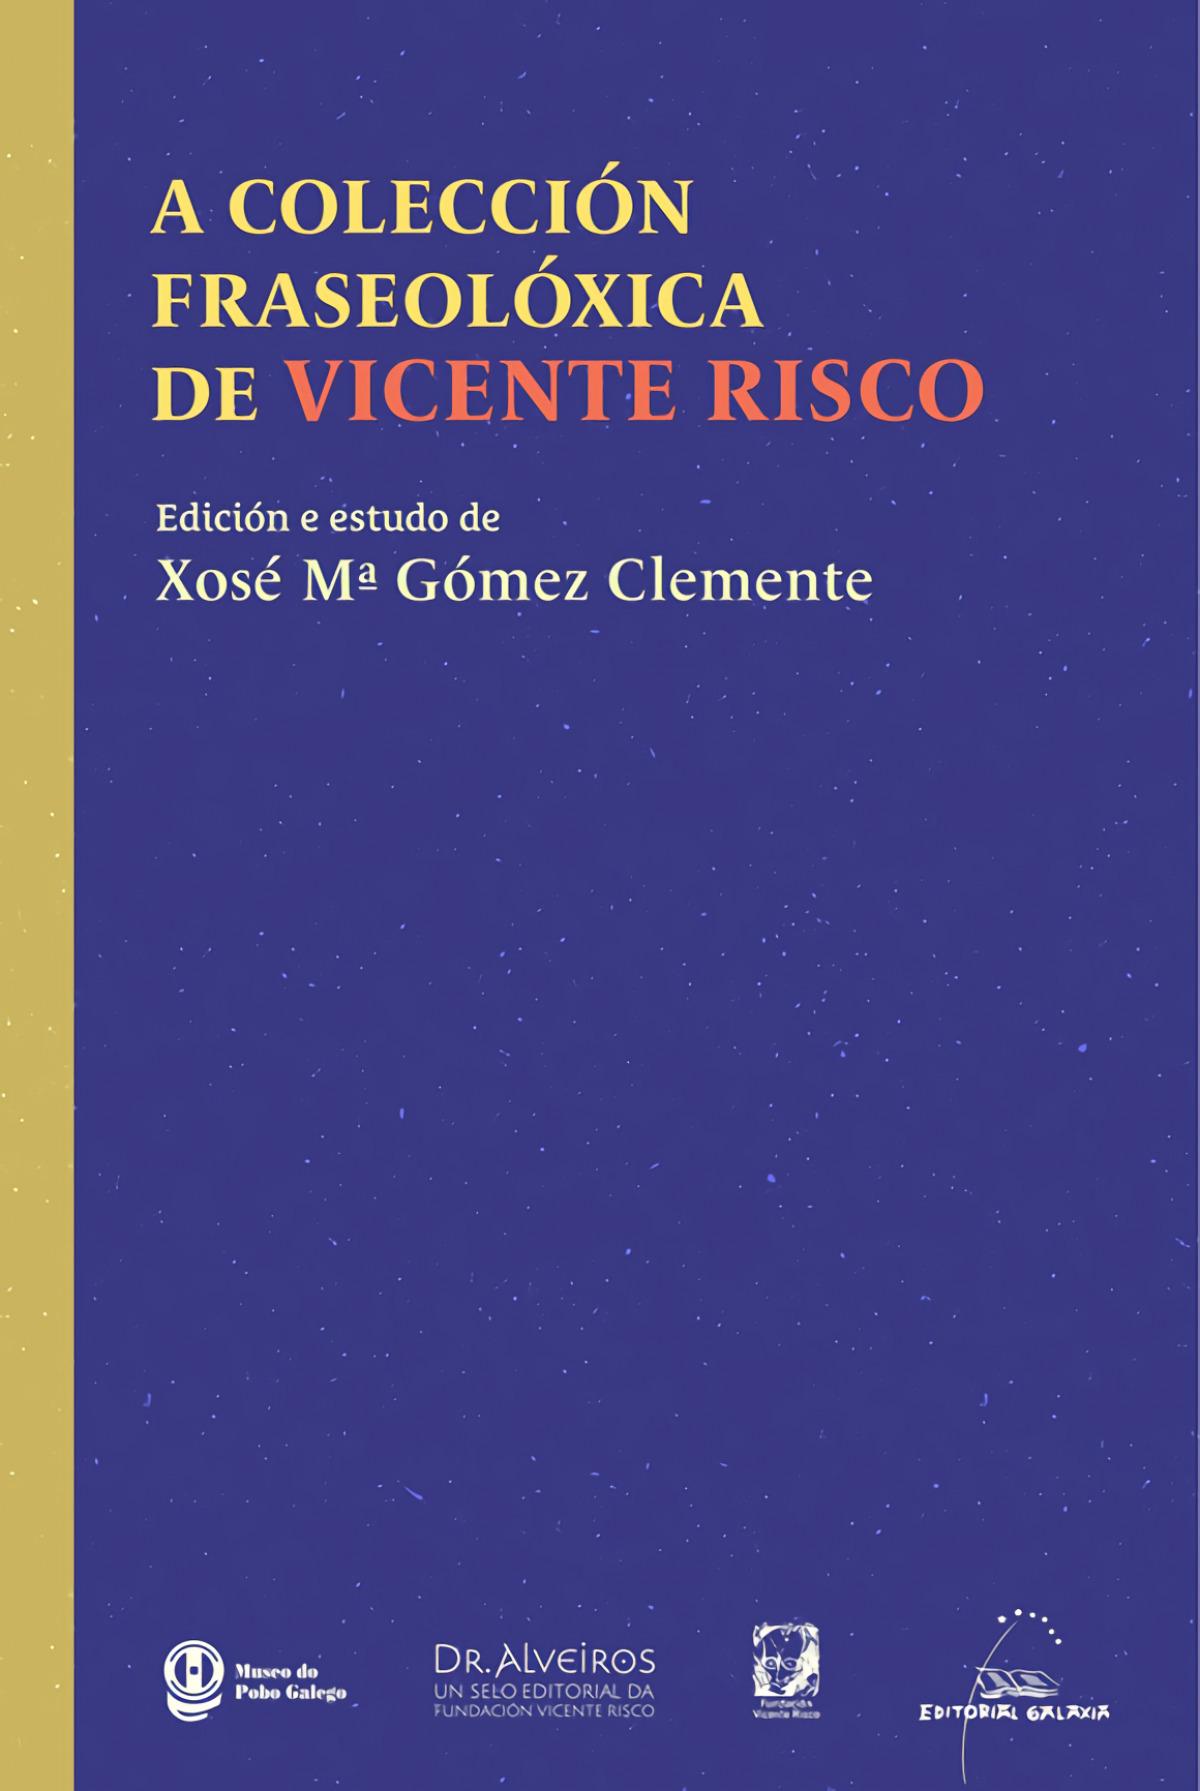 A colección fraseolóxica de Vicente Risco